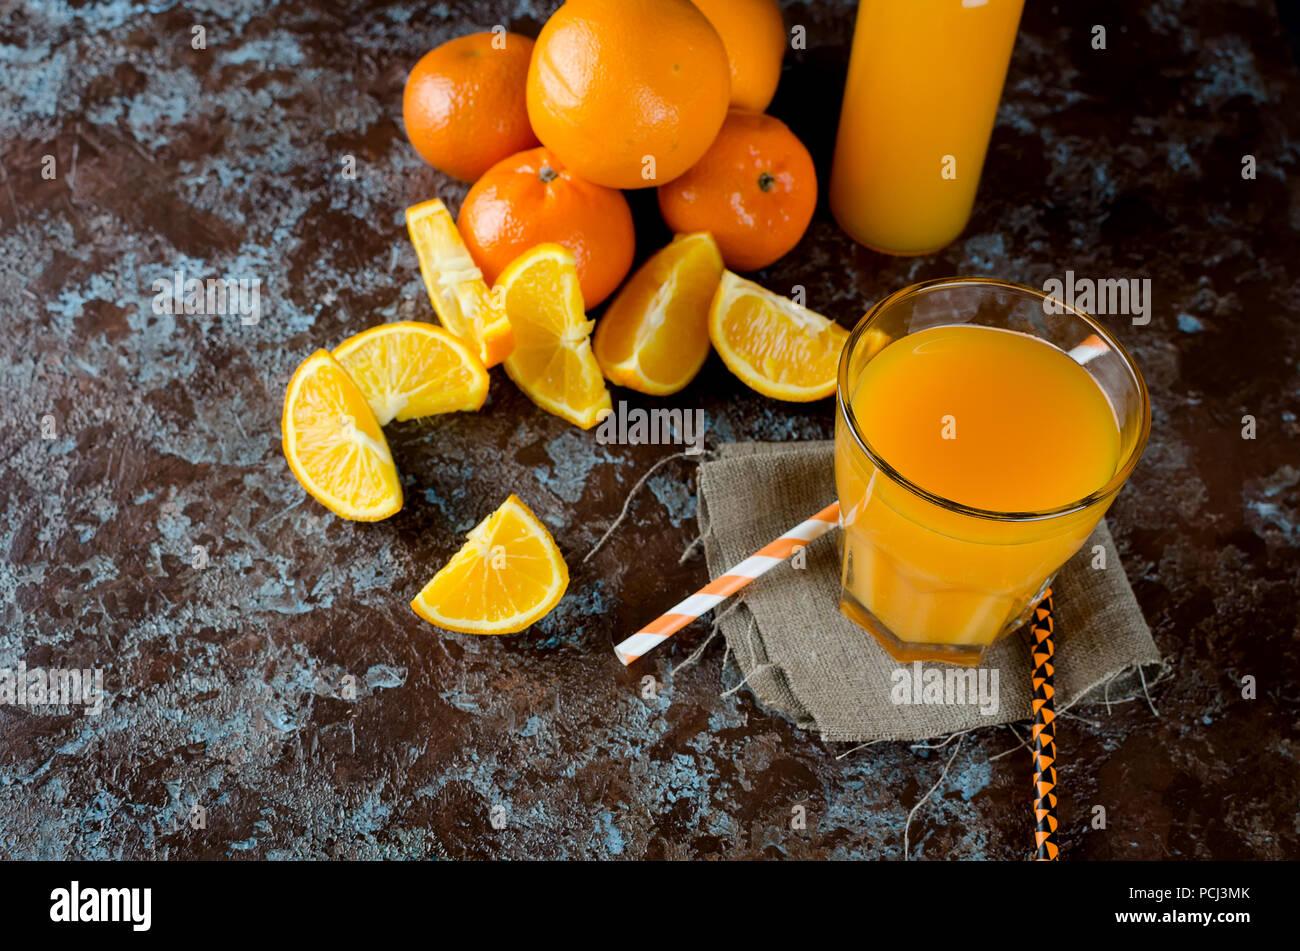 Le jus d'orange dans un verre et une bouteille et des morceaux d'orange sur un fond bleu-brun copy space Photo Stock